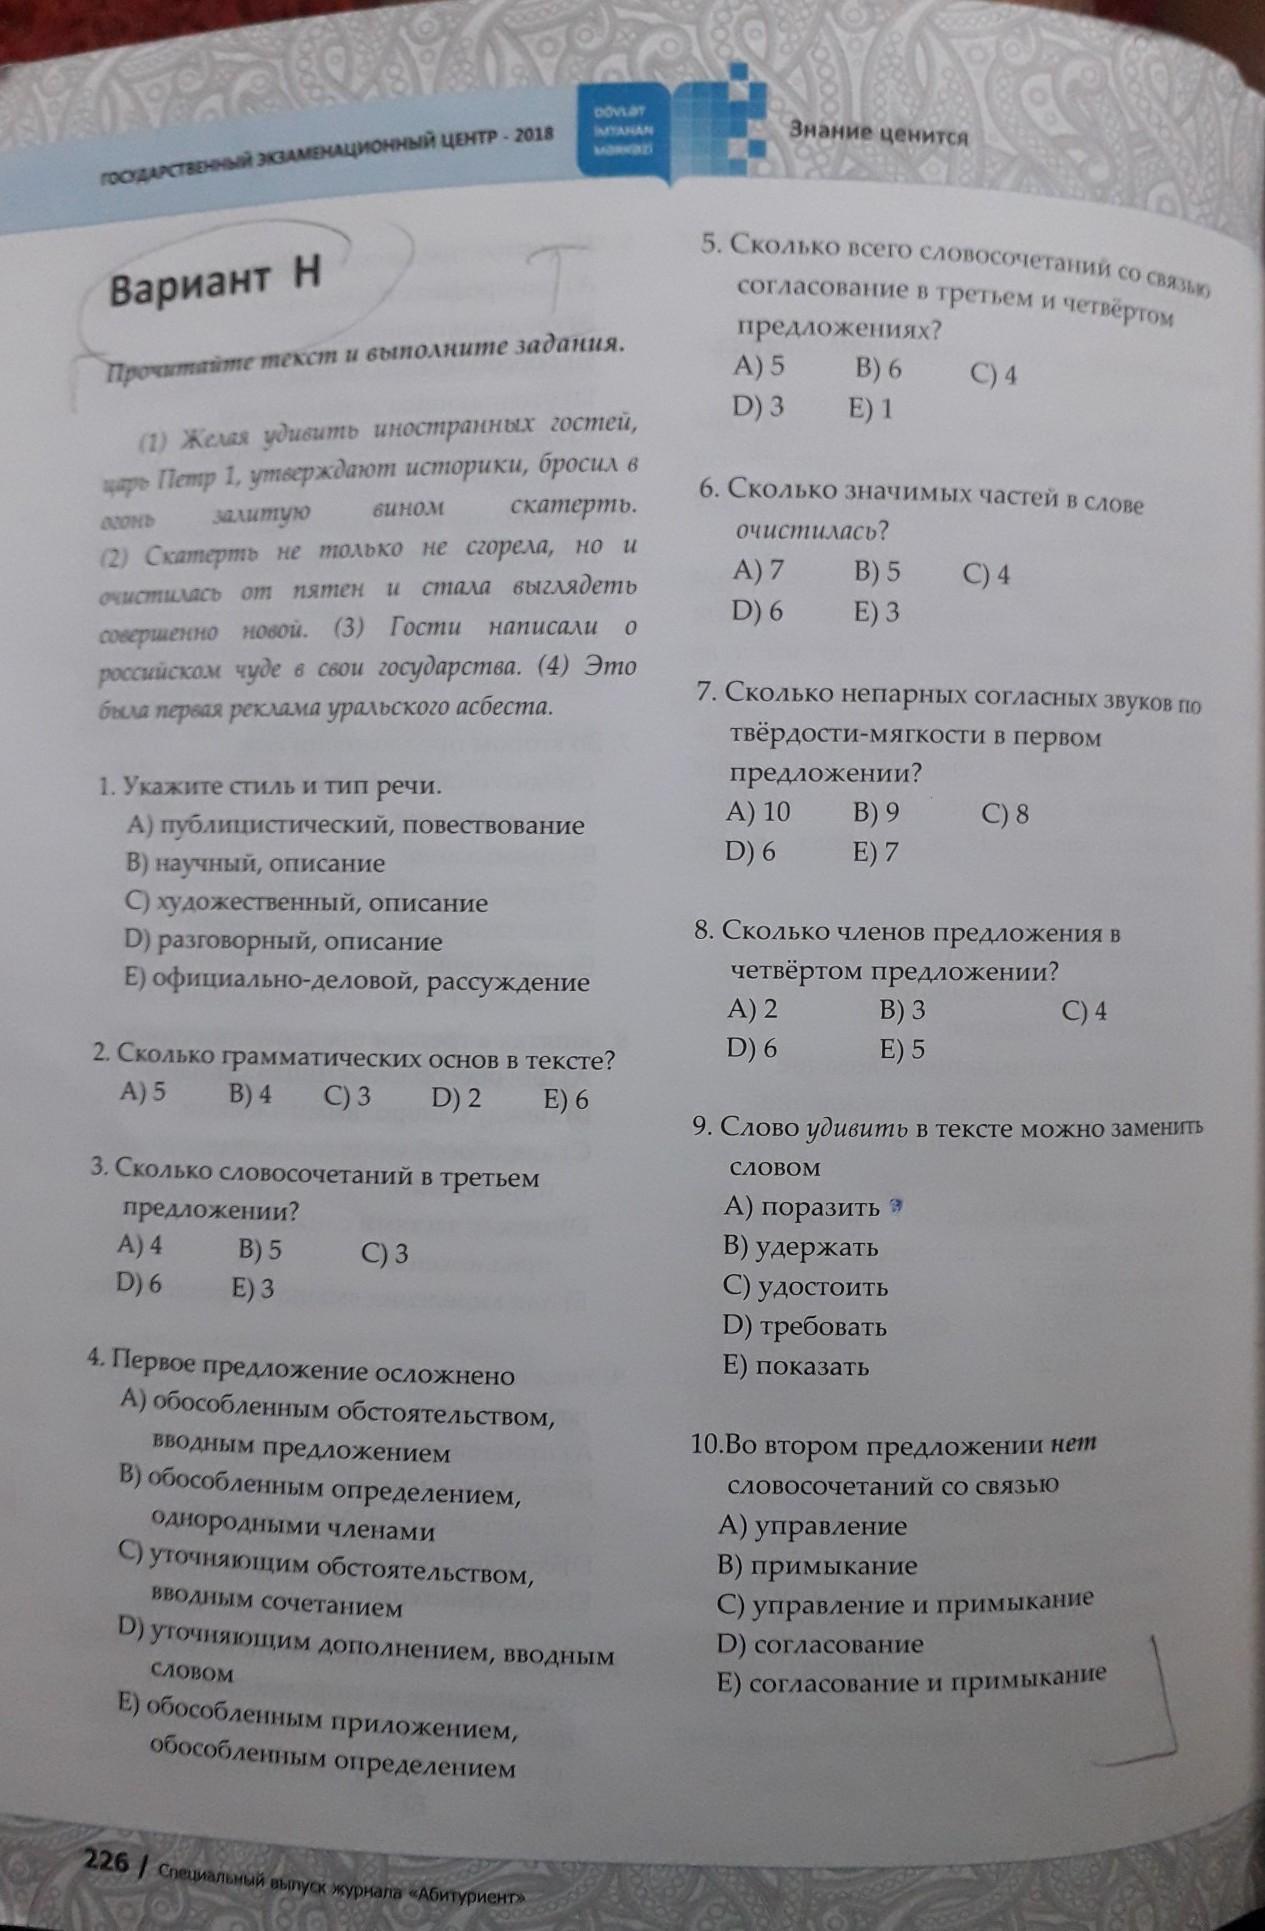 Срочно помогите с русским, очень буду благодарен